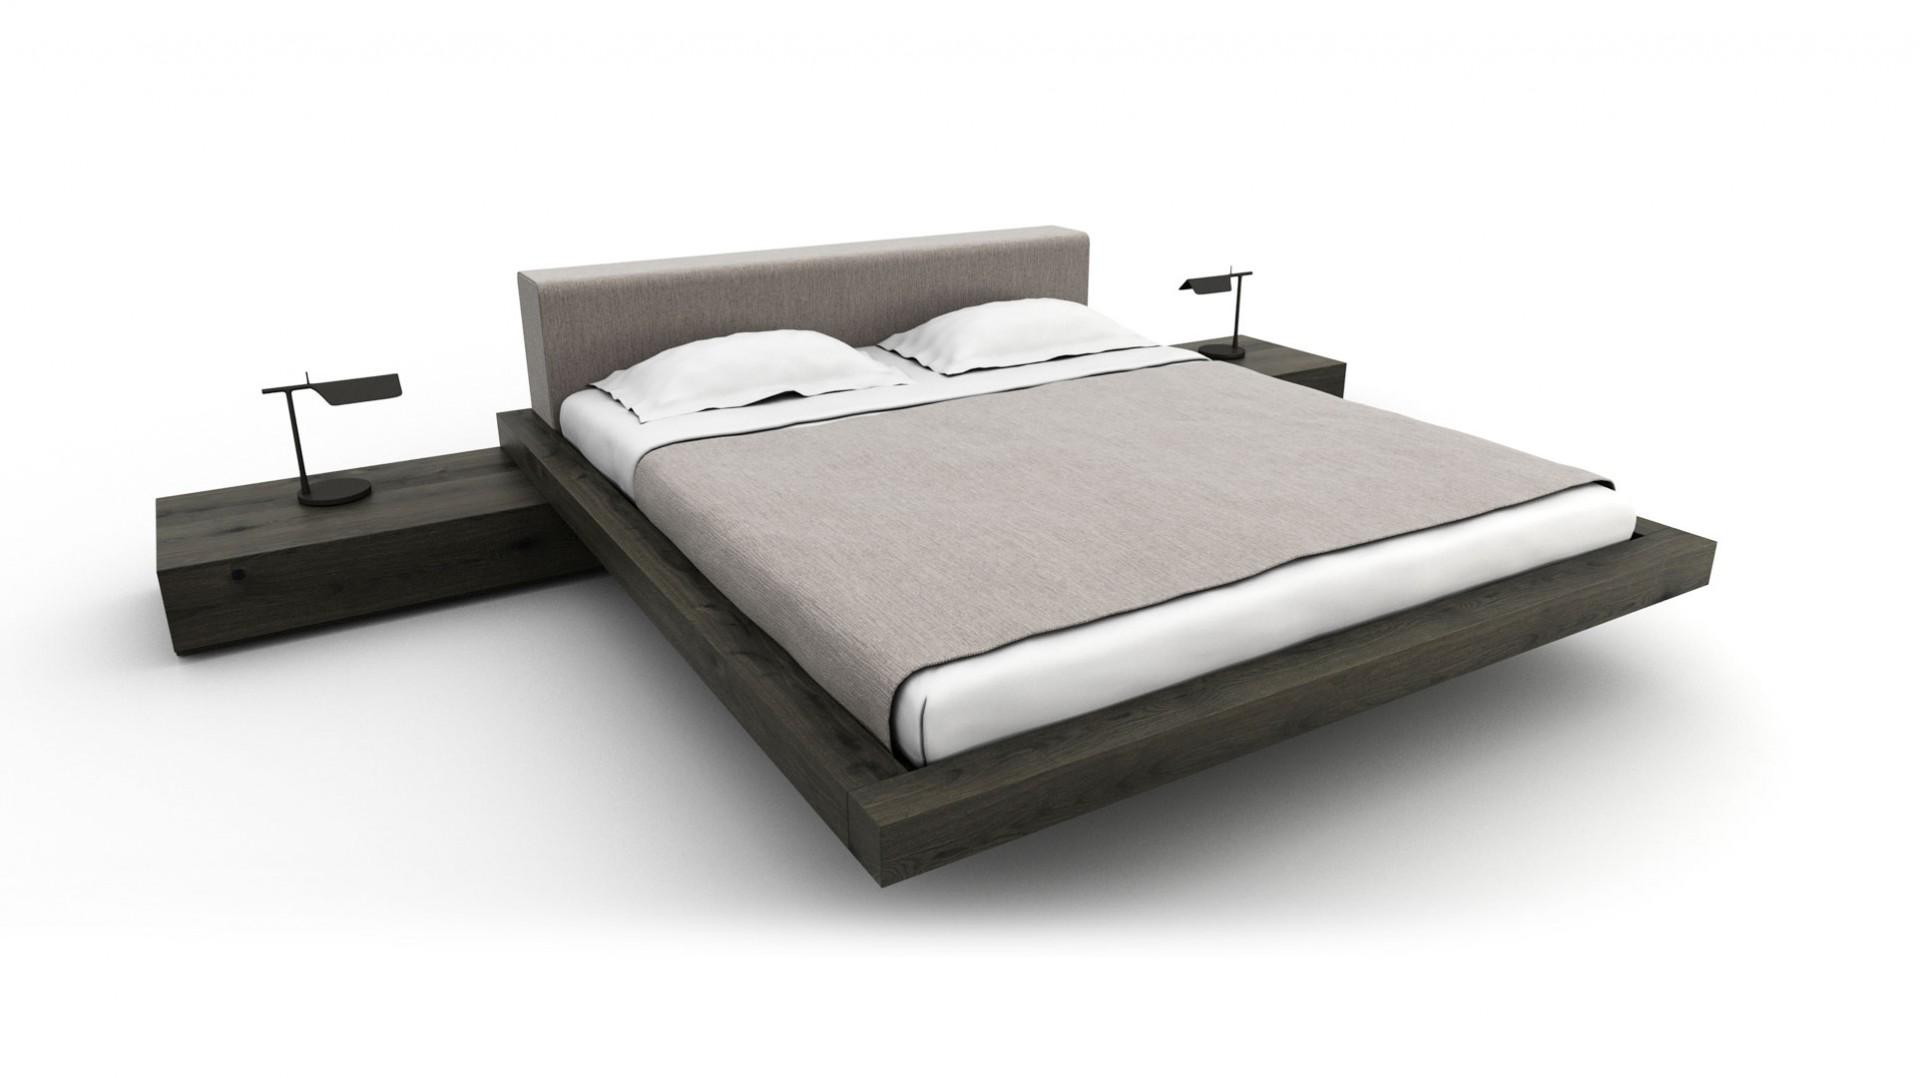 posteľ way z masívneho dubového dreva s látkovým čalúneným čelom, masívna dubová posteľ, moderná dubová posteľ, dubova posteľ s čalúneným čelom